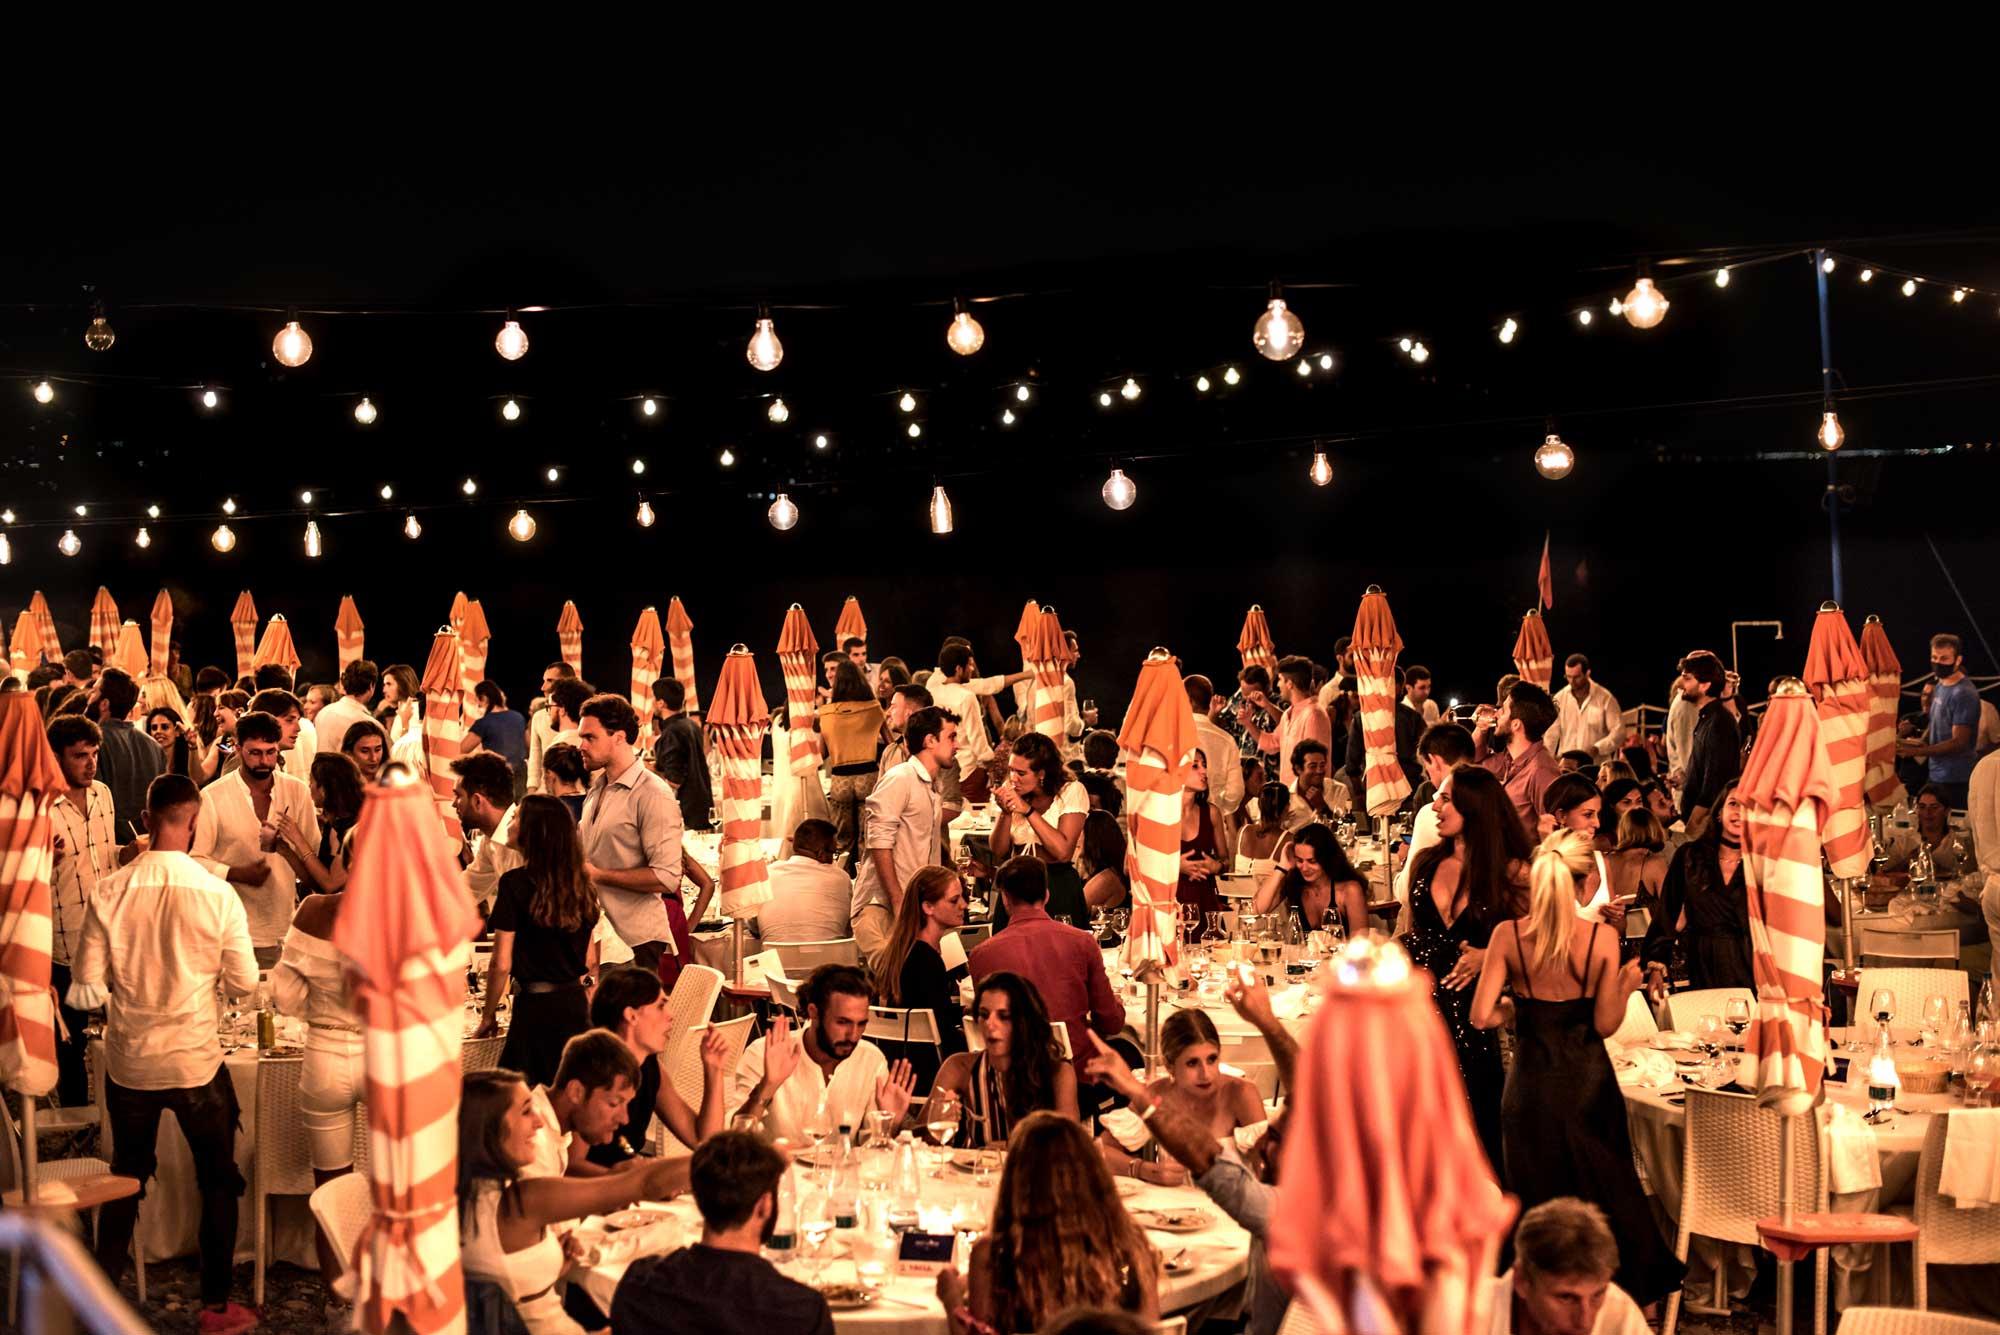 Eventi estate - Serata in spiaggia - cena Bagni Sirena 2020